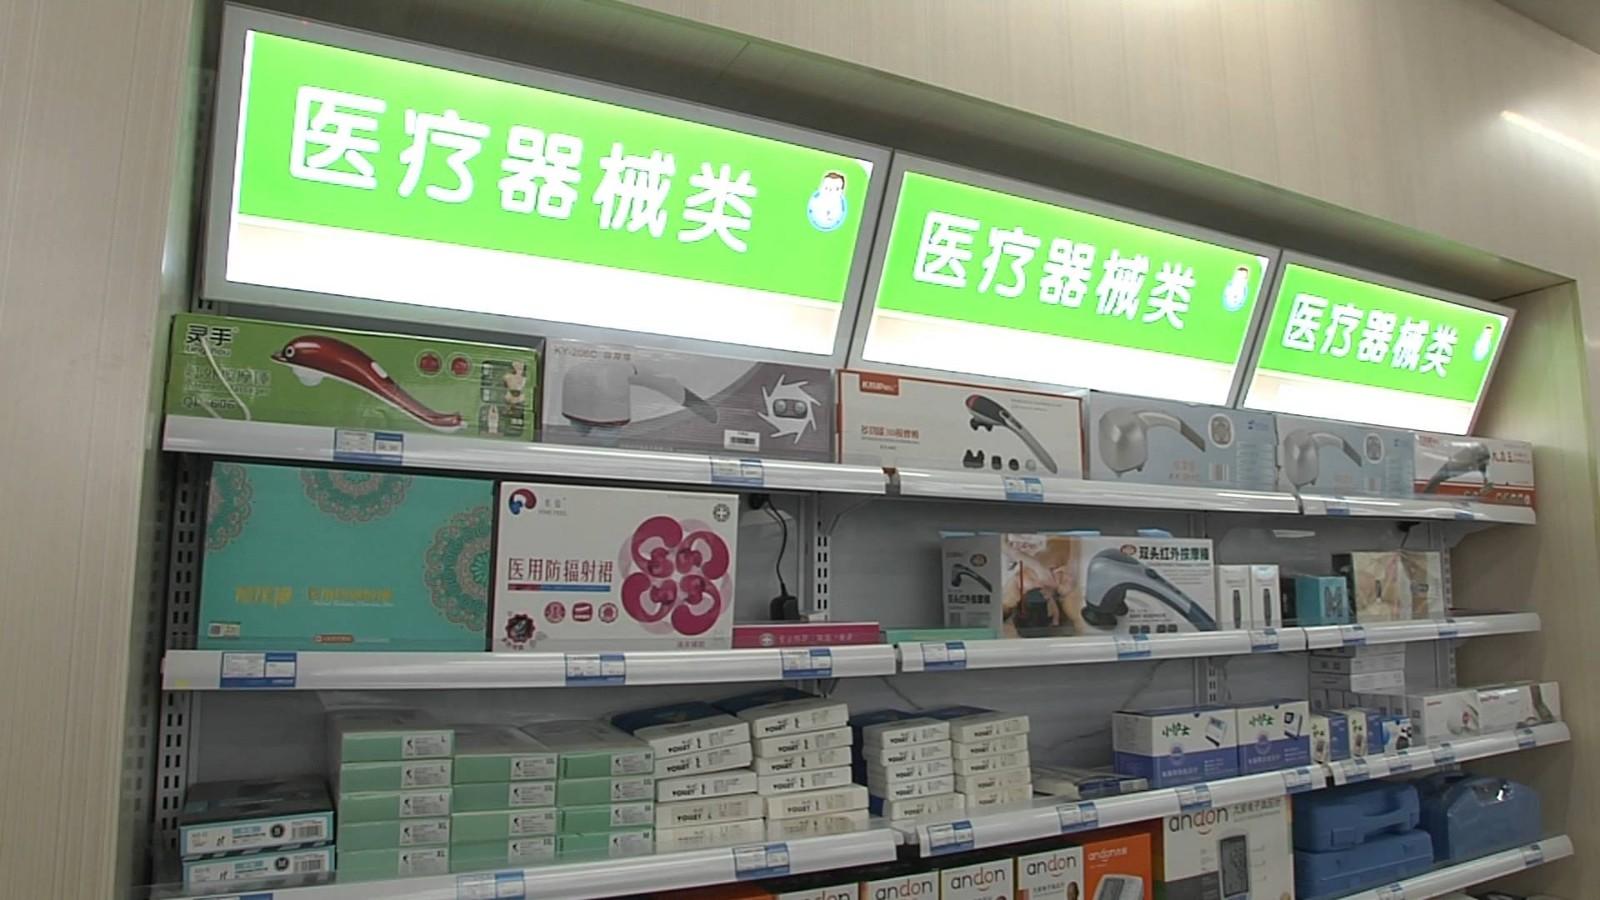 青岛海关查获88批次不合格医疗器械 涉及超声波诊断仪、血压监测系统等